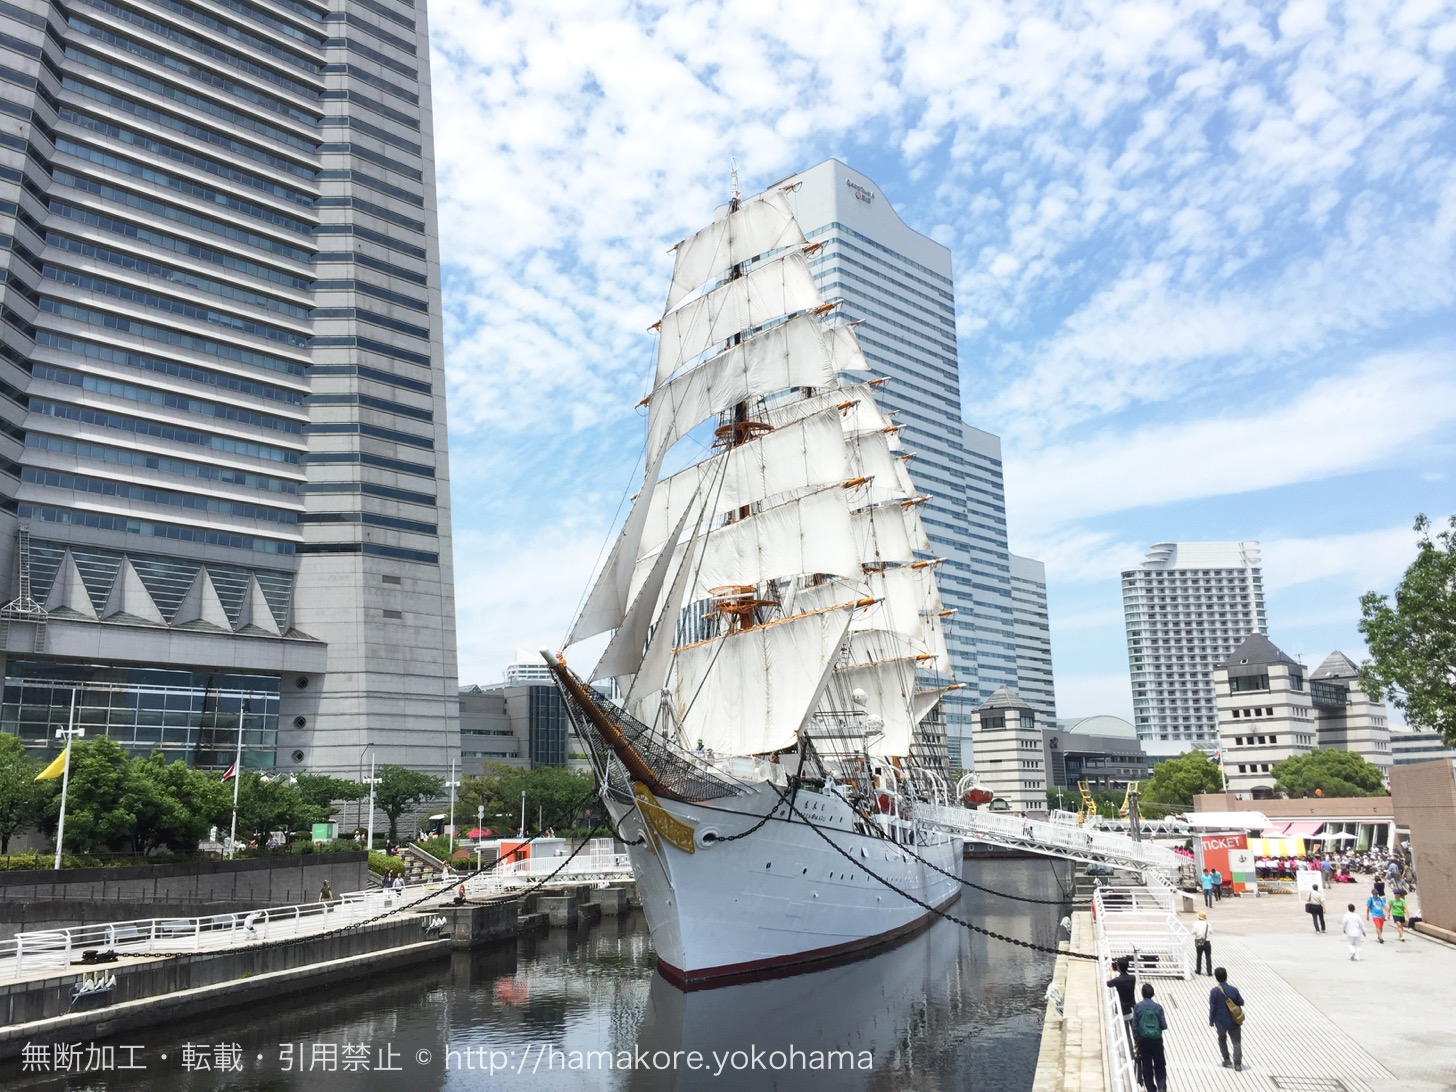 2017年6月11日に「日本丸」総帆展帆を実施!展帆・畳帆の時間について